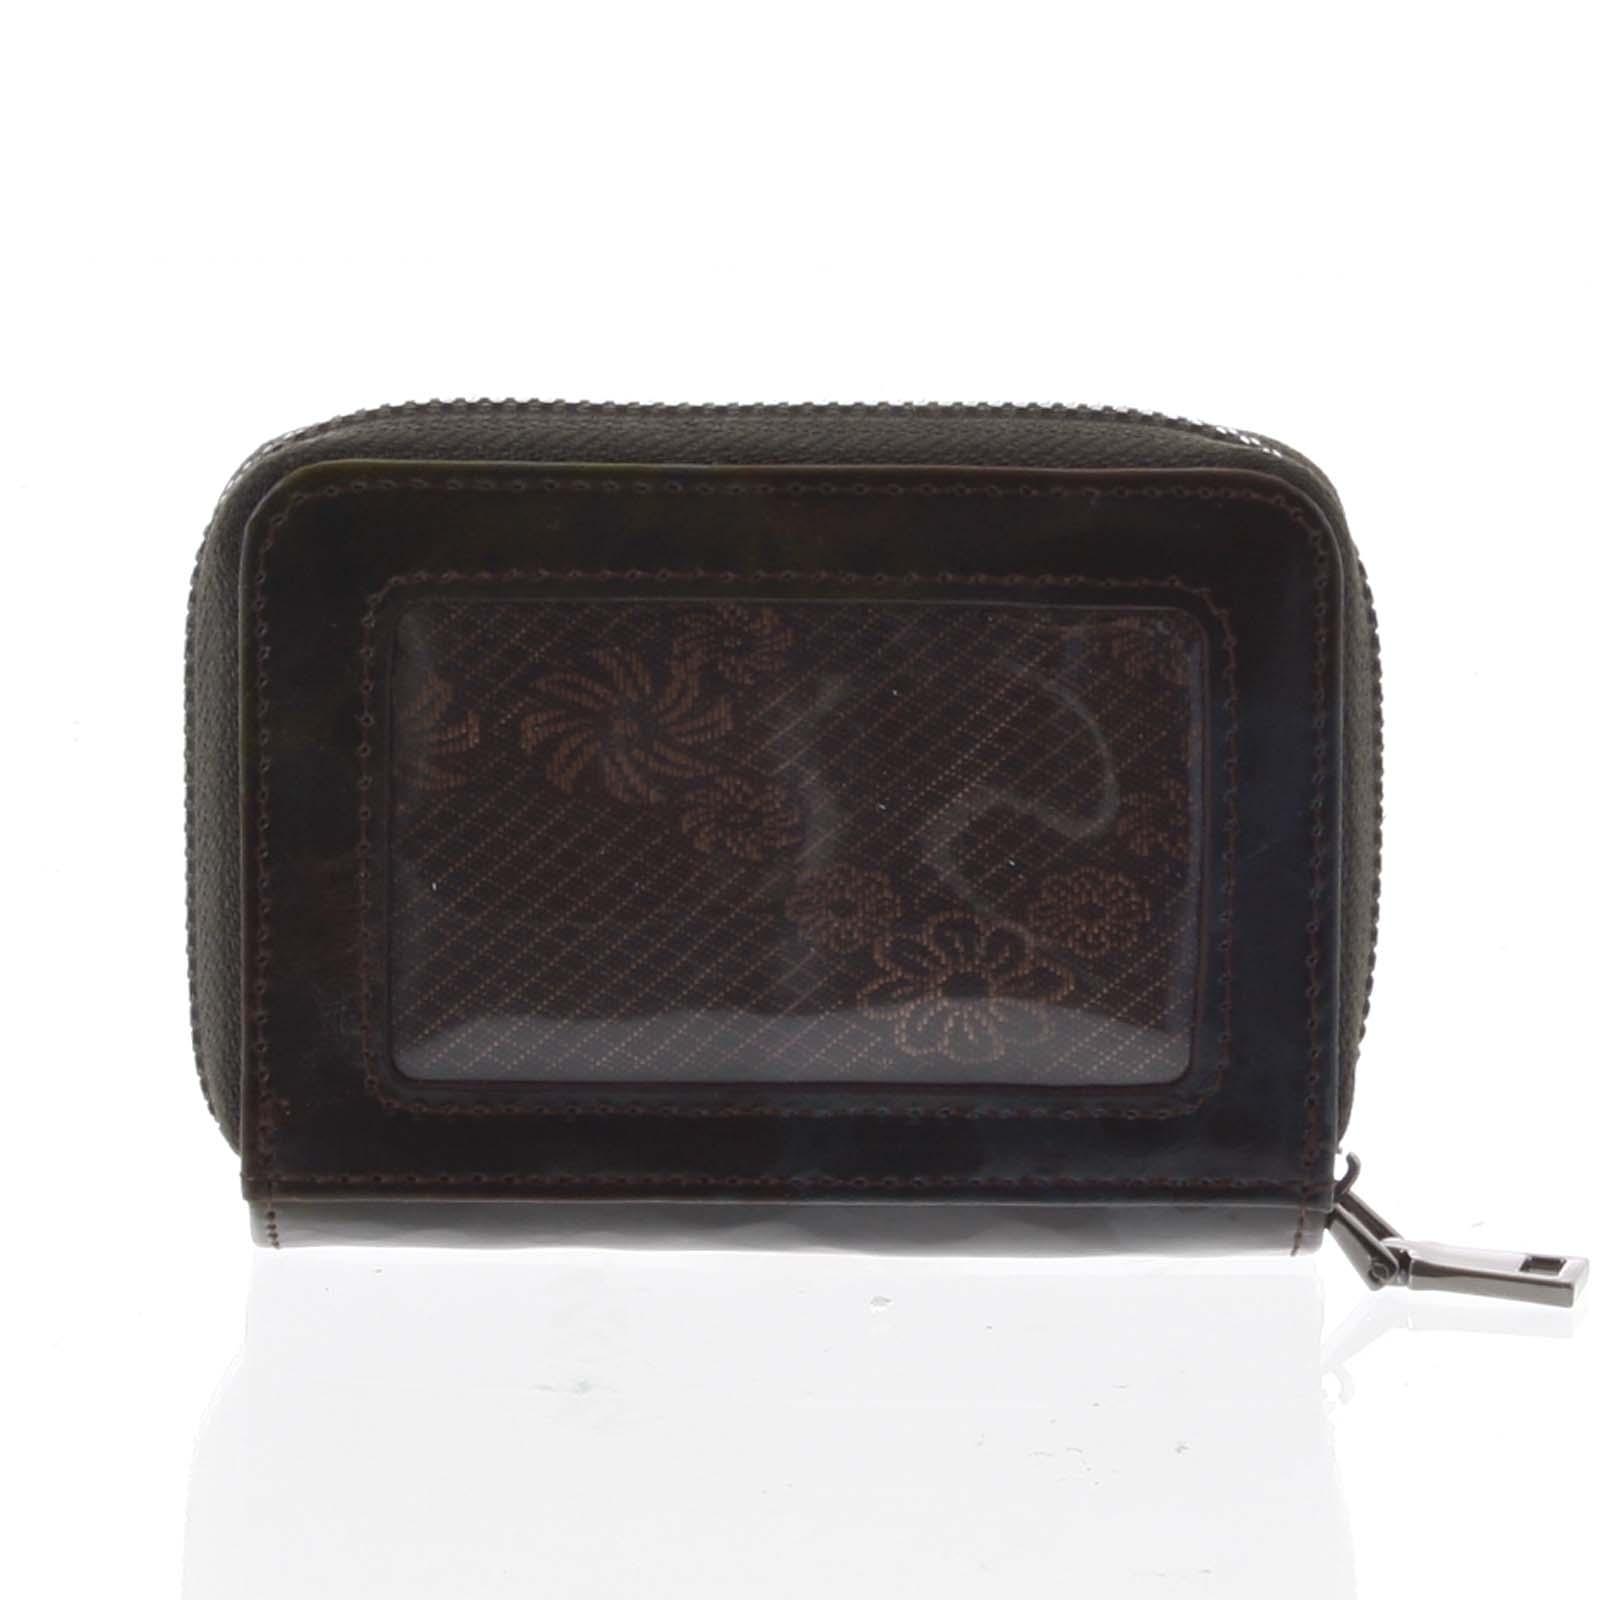 Malá dámska peňaženka kožená čierna - Rovicky 5157 čierna